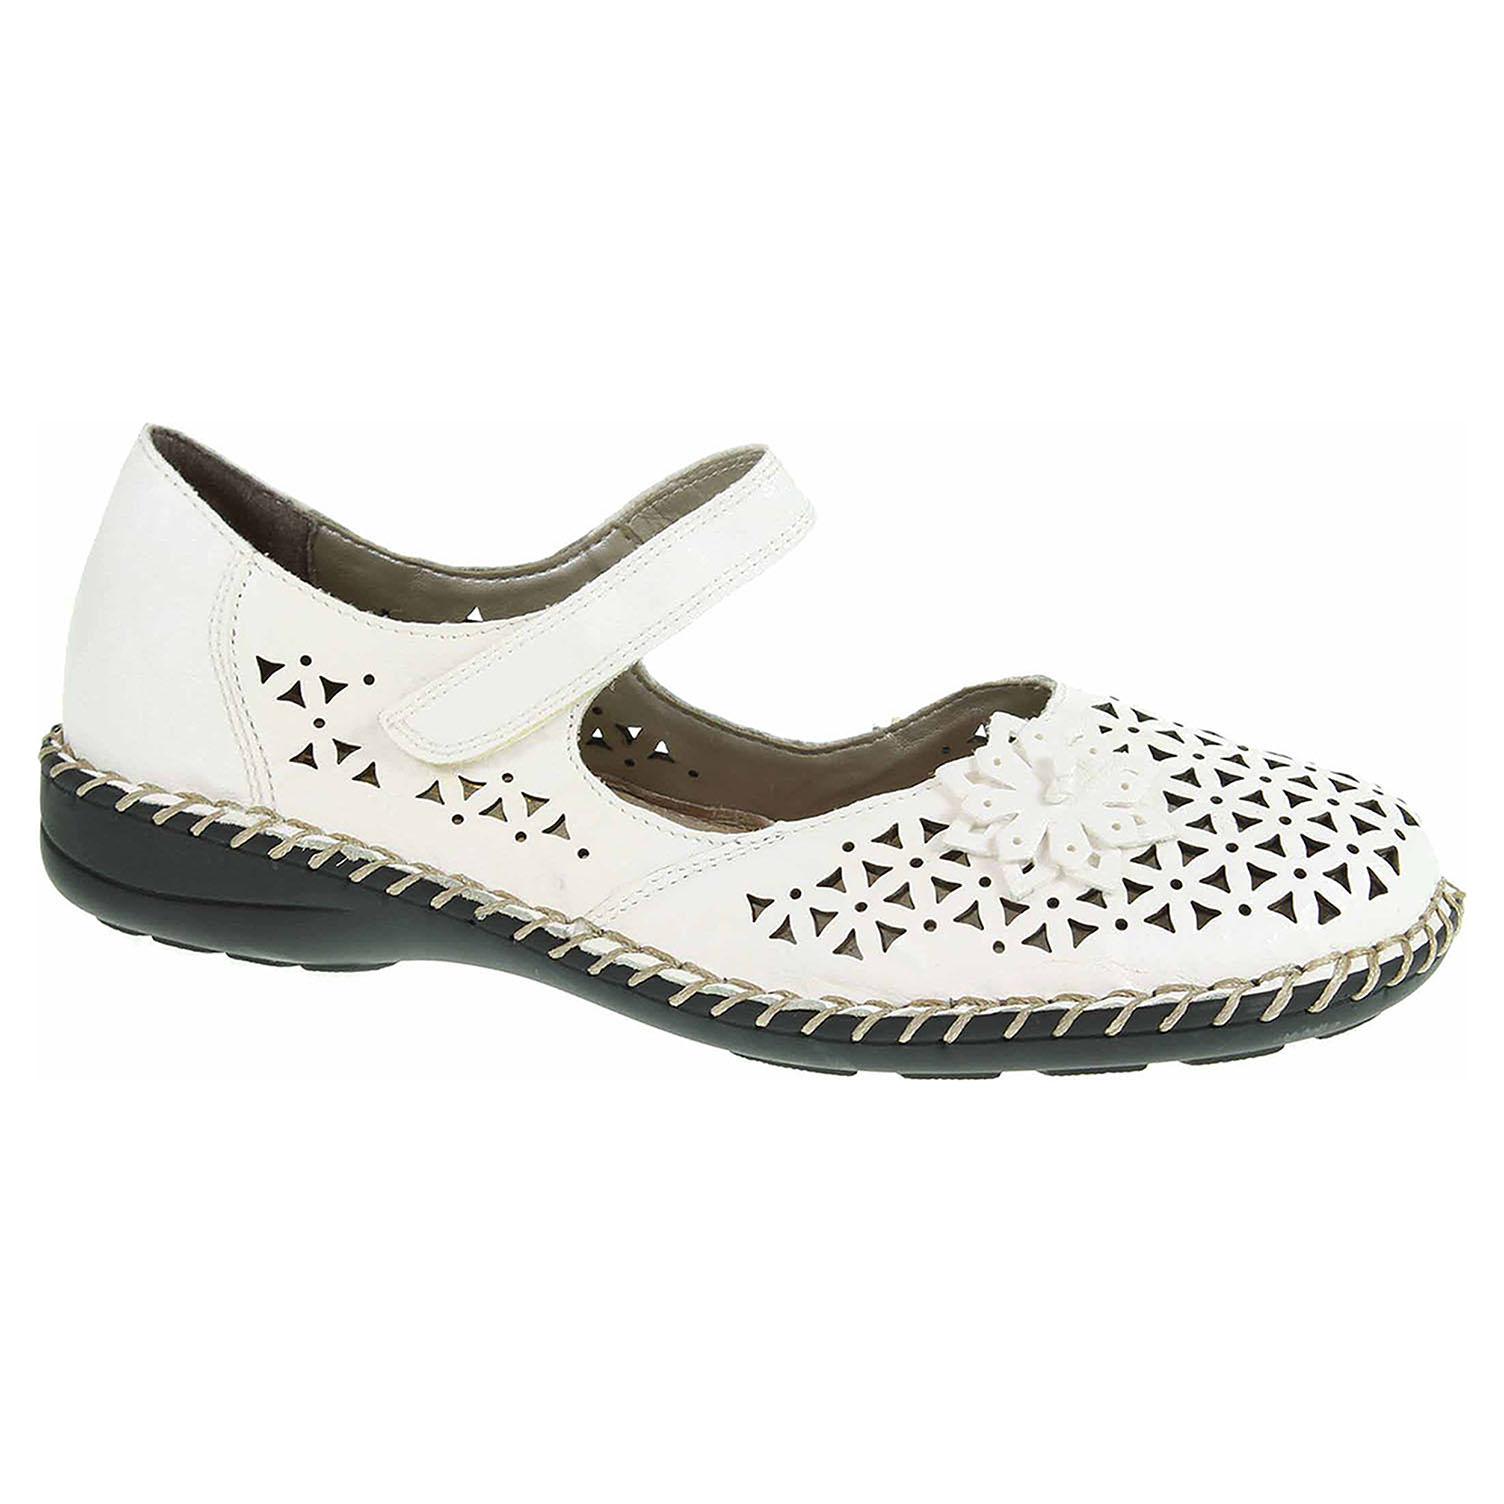 c075e6e0d2579 Dámske baleriny Rieker 49876-80 weiss | REJNOK obuv